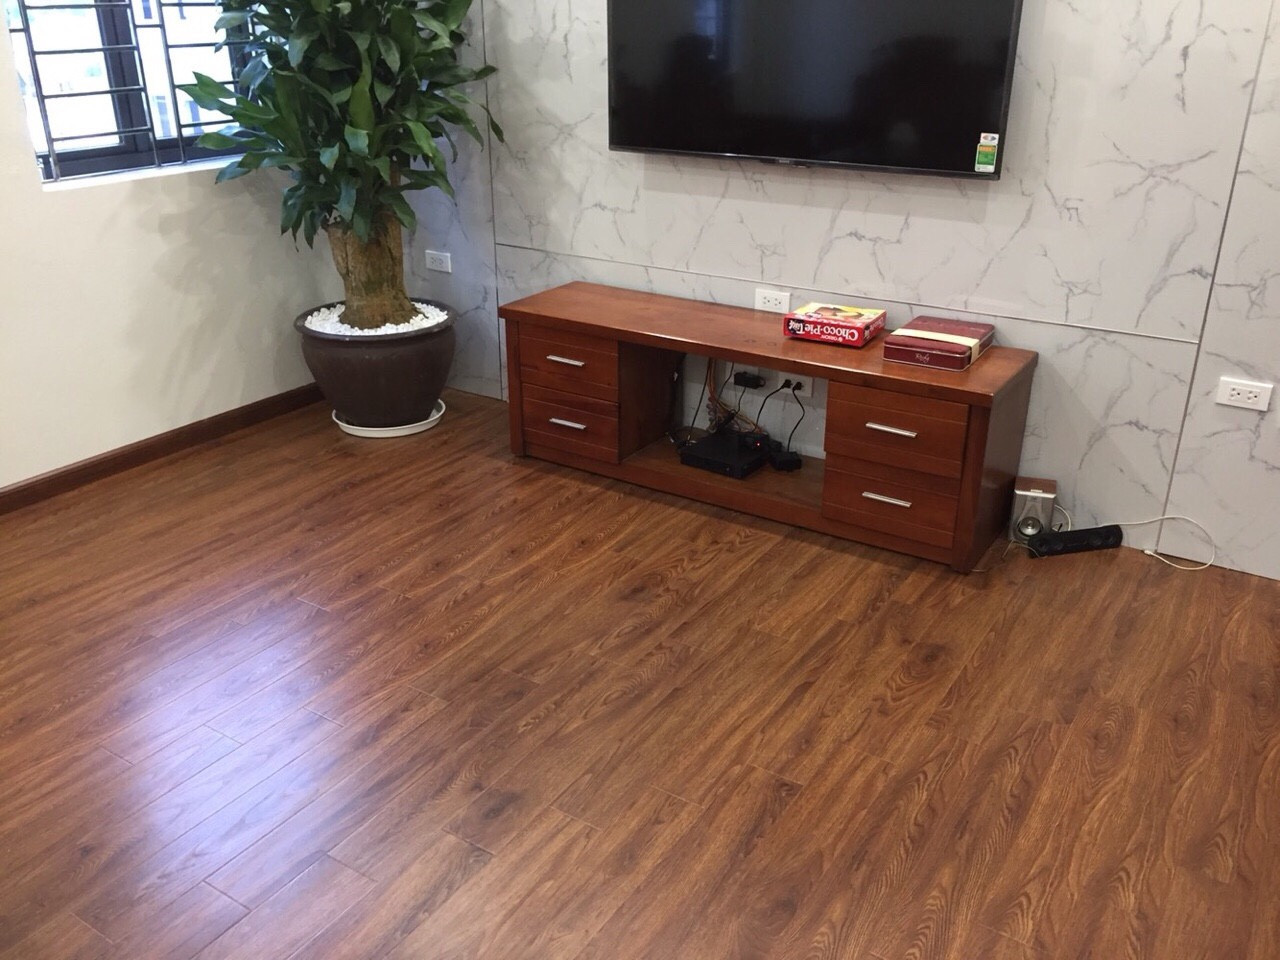 báo giá sàn gỗ công nghiệp tại hà nội, tư vấn làm sàn gỗ giá rẻ, giá sàn gỗ malaysia 12mm,